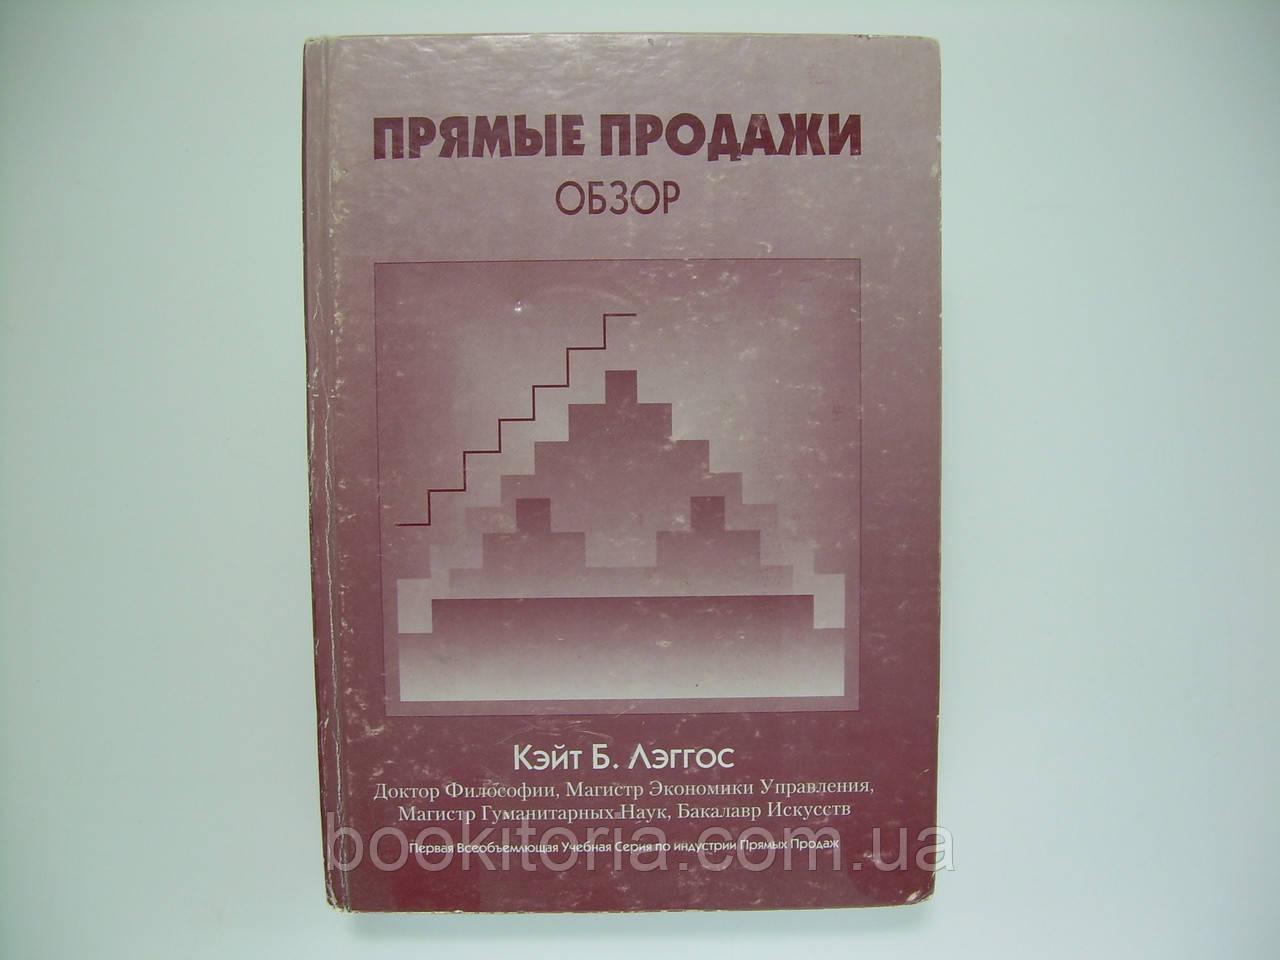 Лэггос К.Б. Прямые продажи (б/у).